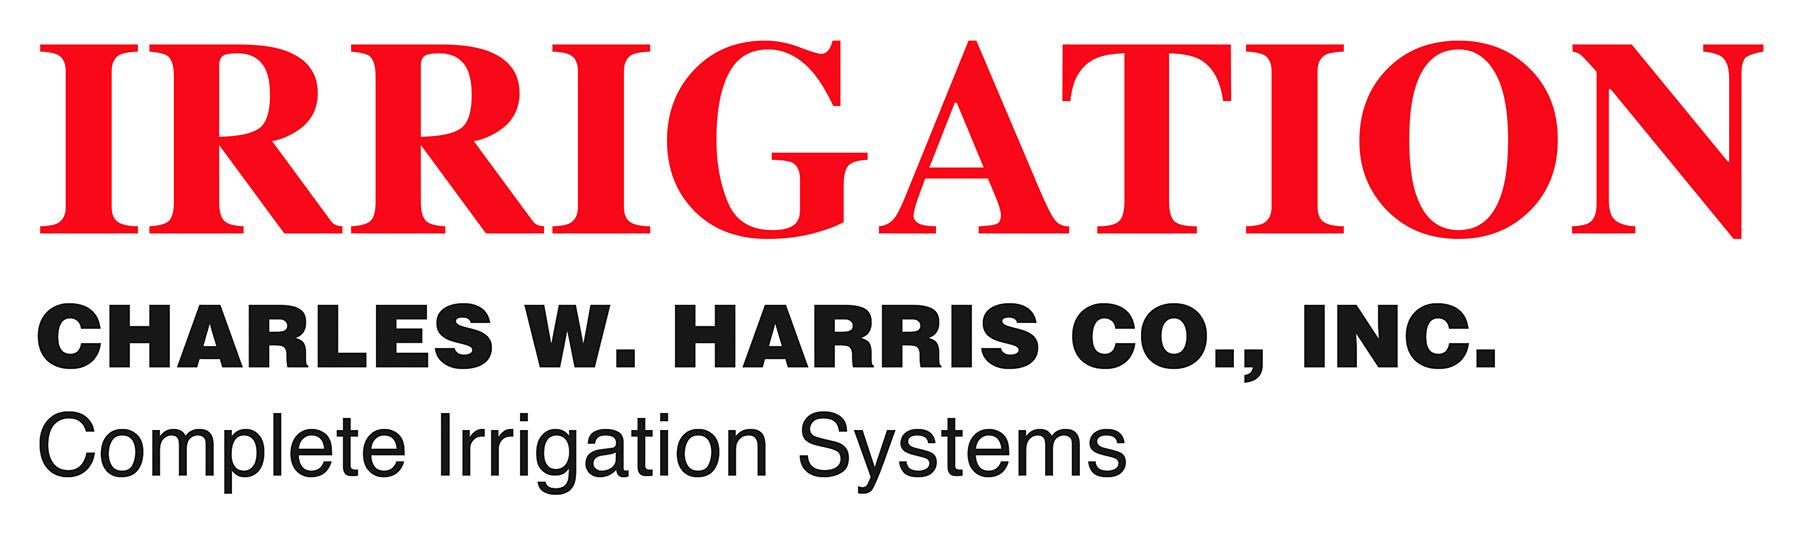 Charles W. Harris Co.